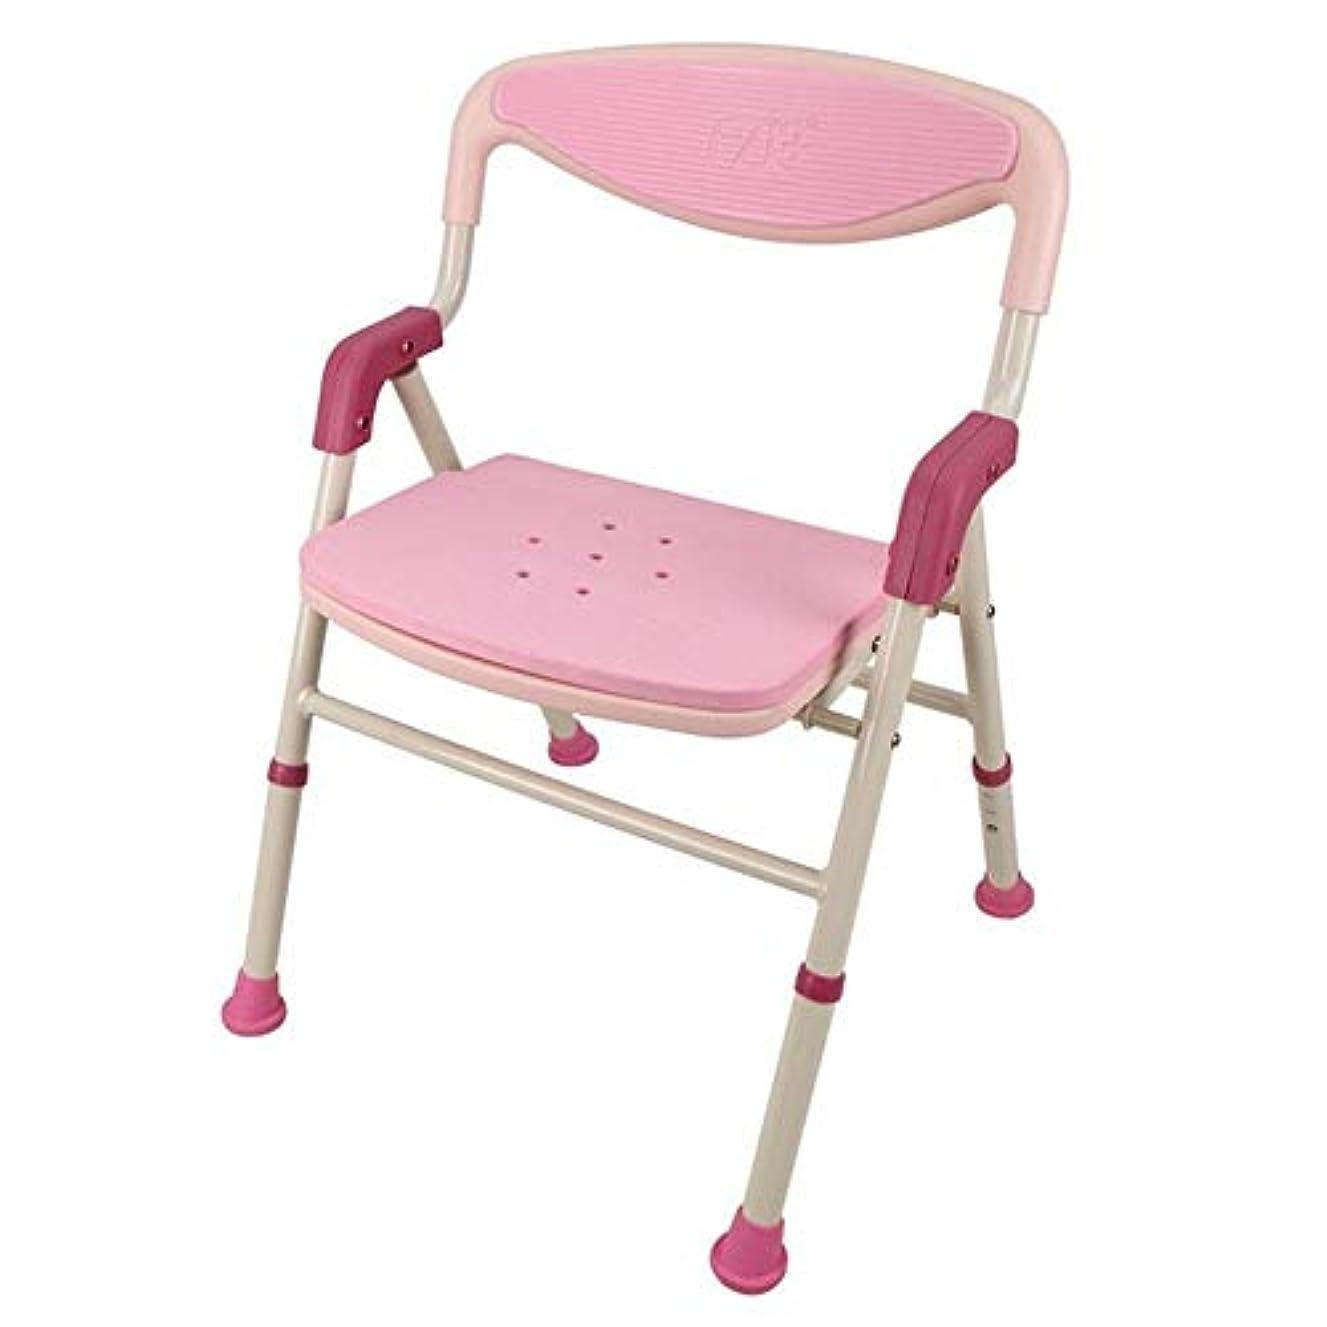 カリング彼は騒浴室の腰掛けのアルミニウムシャワーの座席椅子の滑り止めの高さの調節可能な障害援助